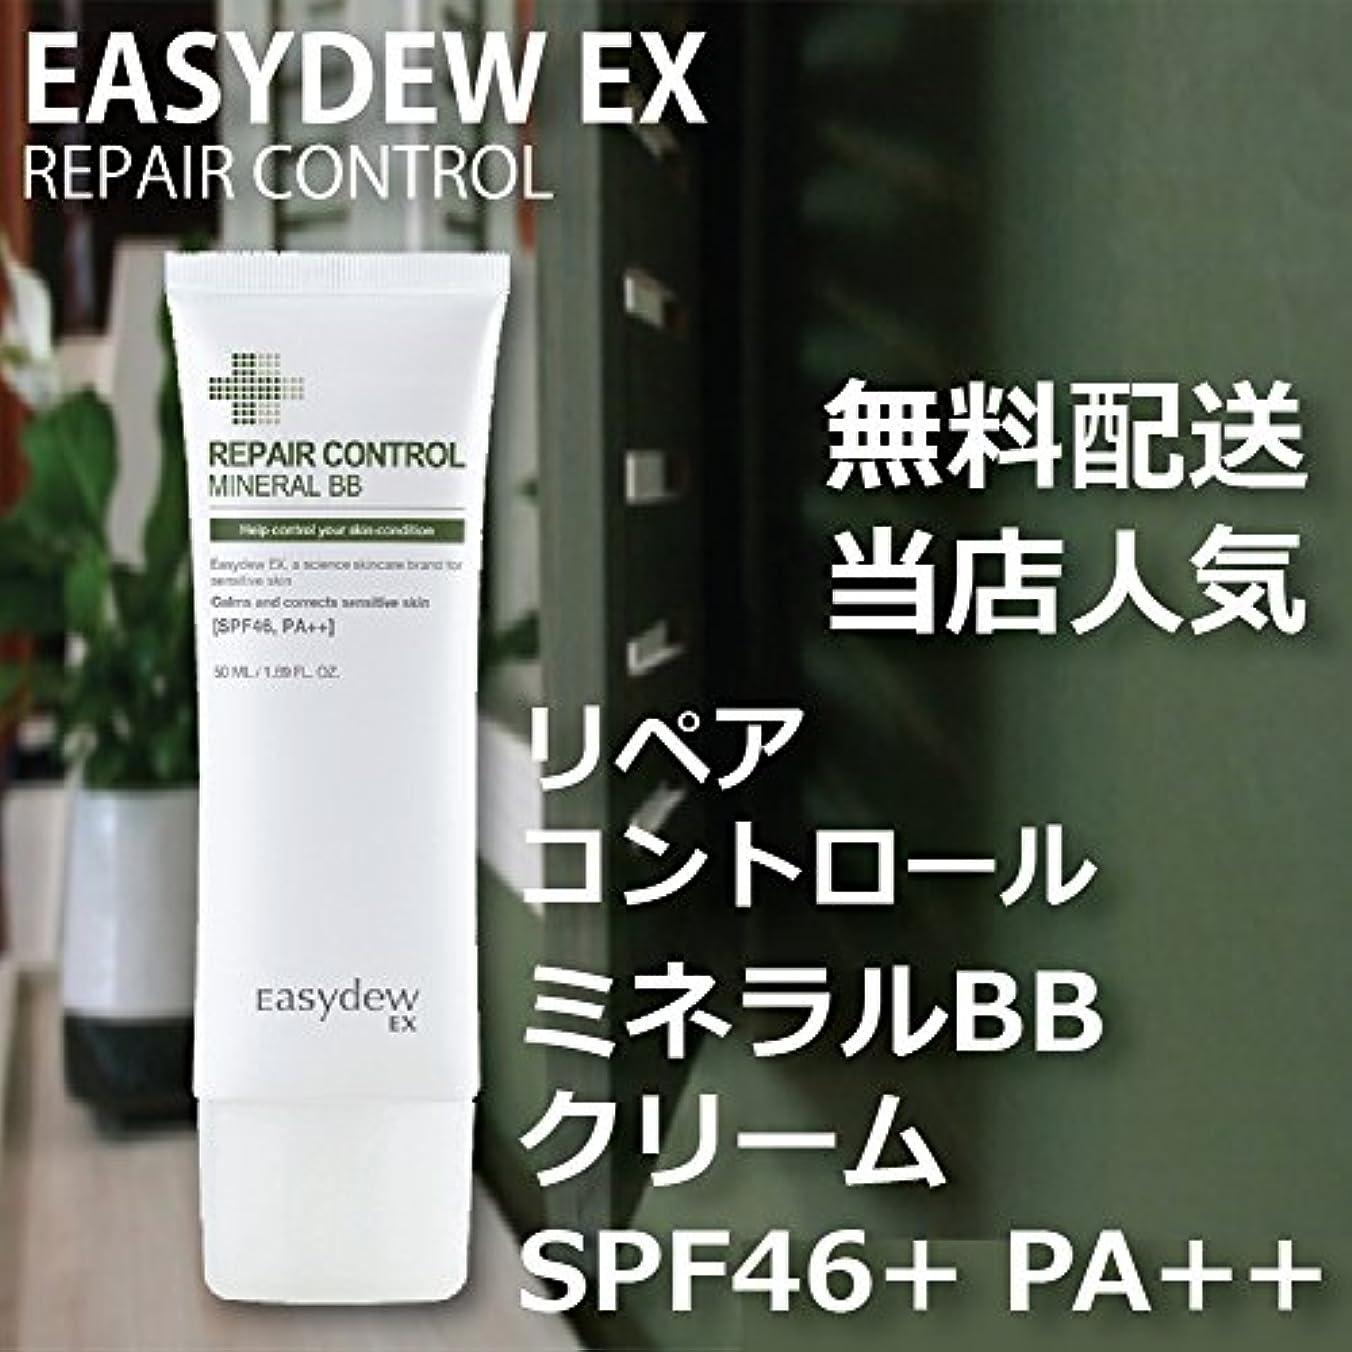 あごひげまだメールを書くEASY DEW EX ミネラル BBクリーム SPF46+ PA++ 50ml MINRAL BB CREAM 韓国 人気 コスメ イージーデュー 敏感 乾燥 美白 しわ 3重機能性